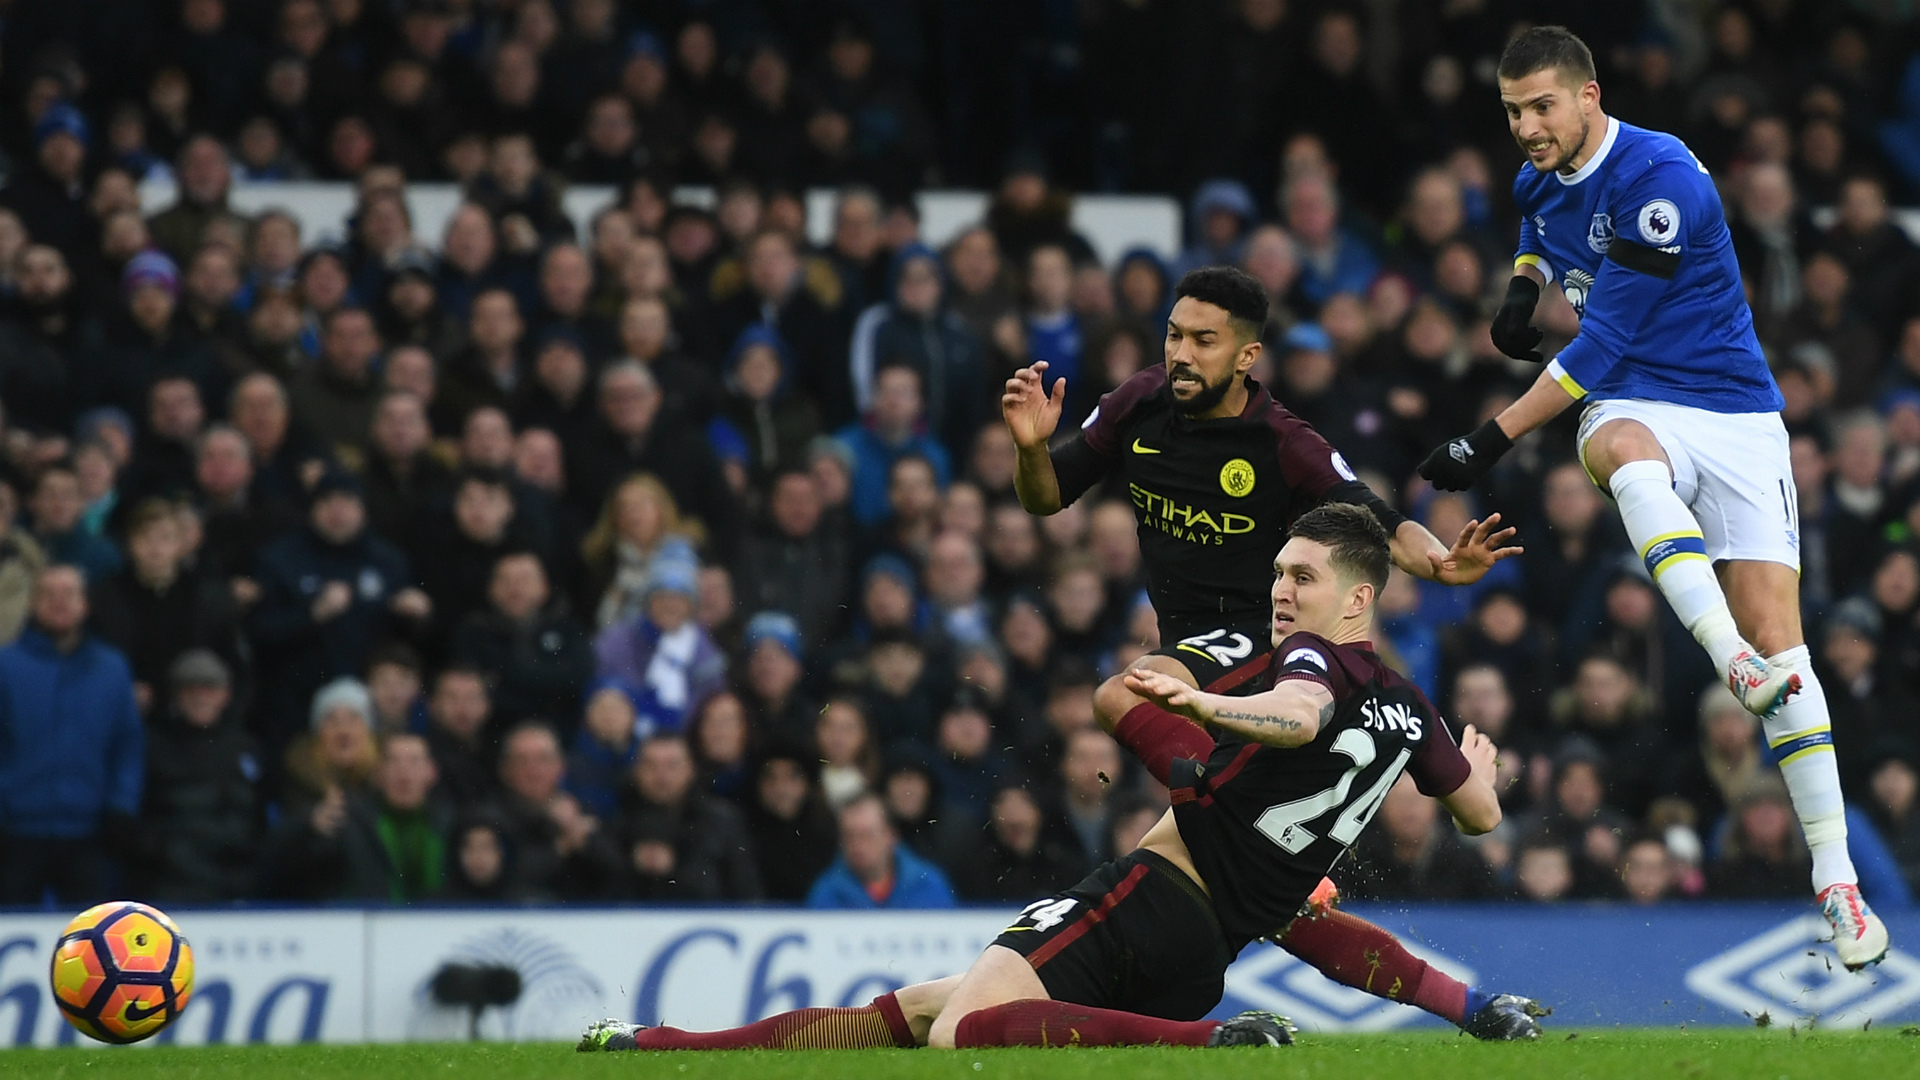 El City se desangra ante el Everton (4-0) y dice adiós a la Premier